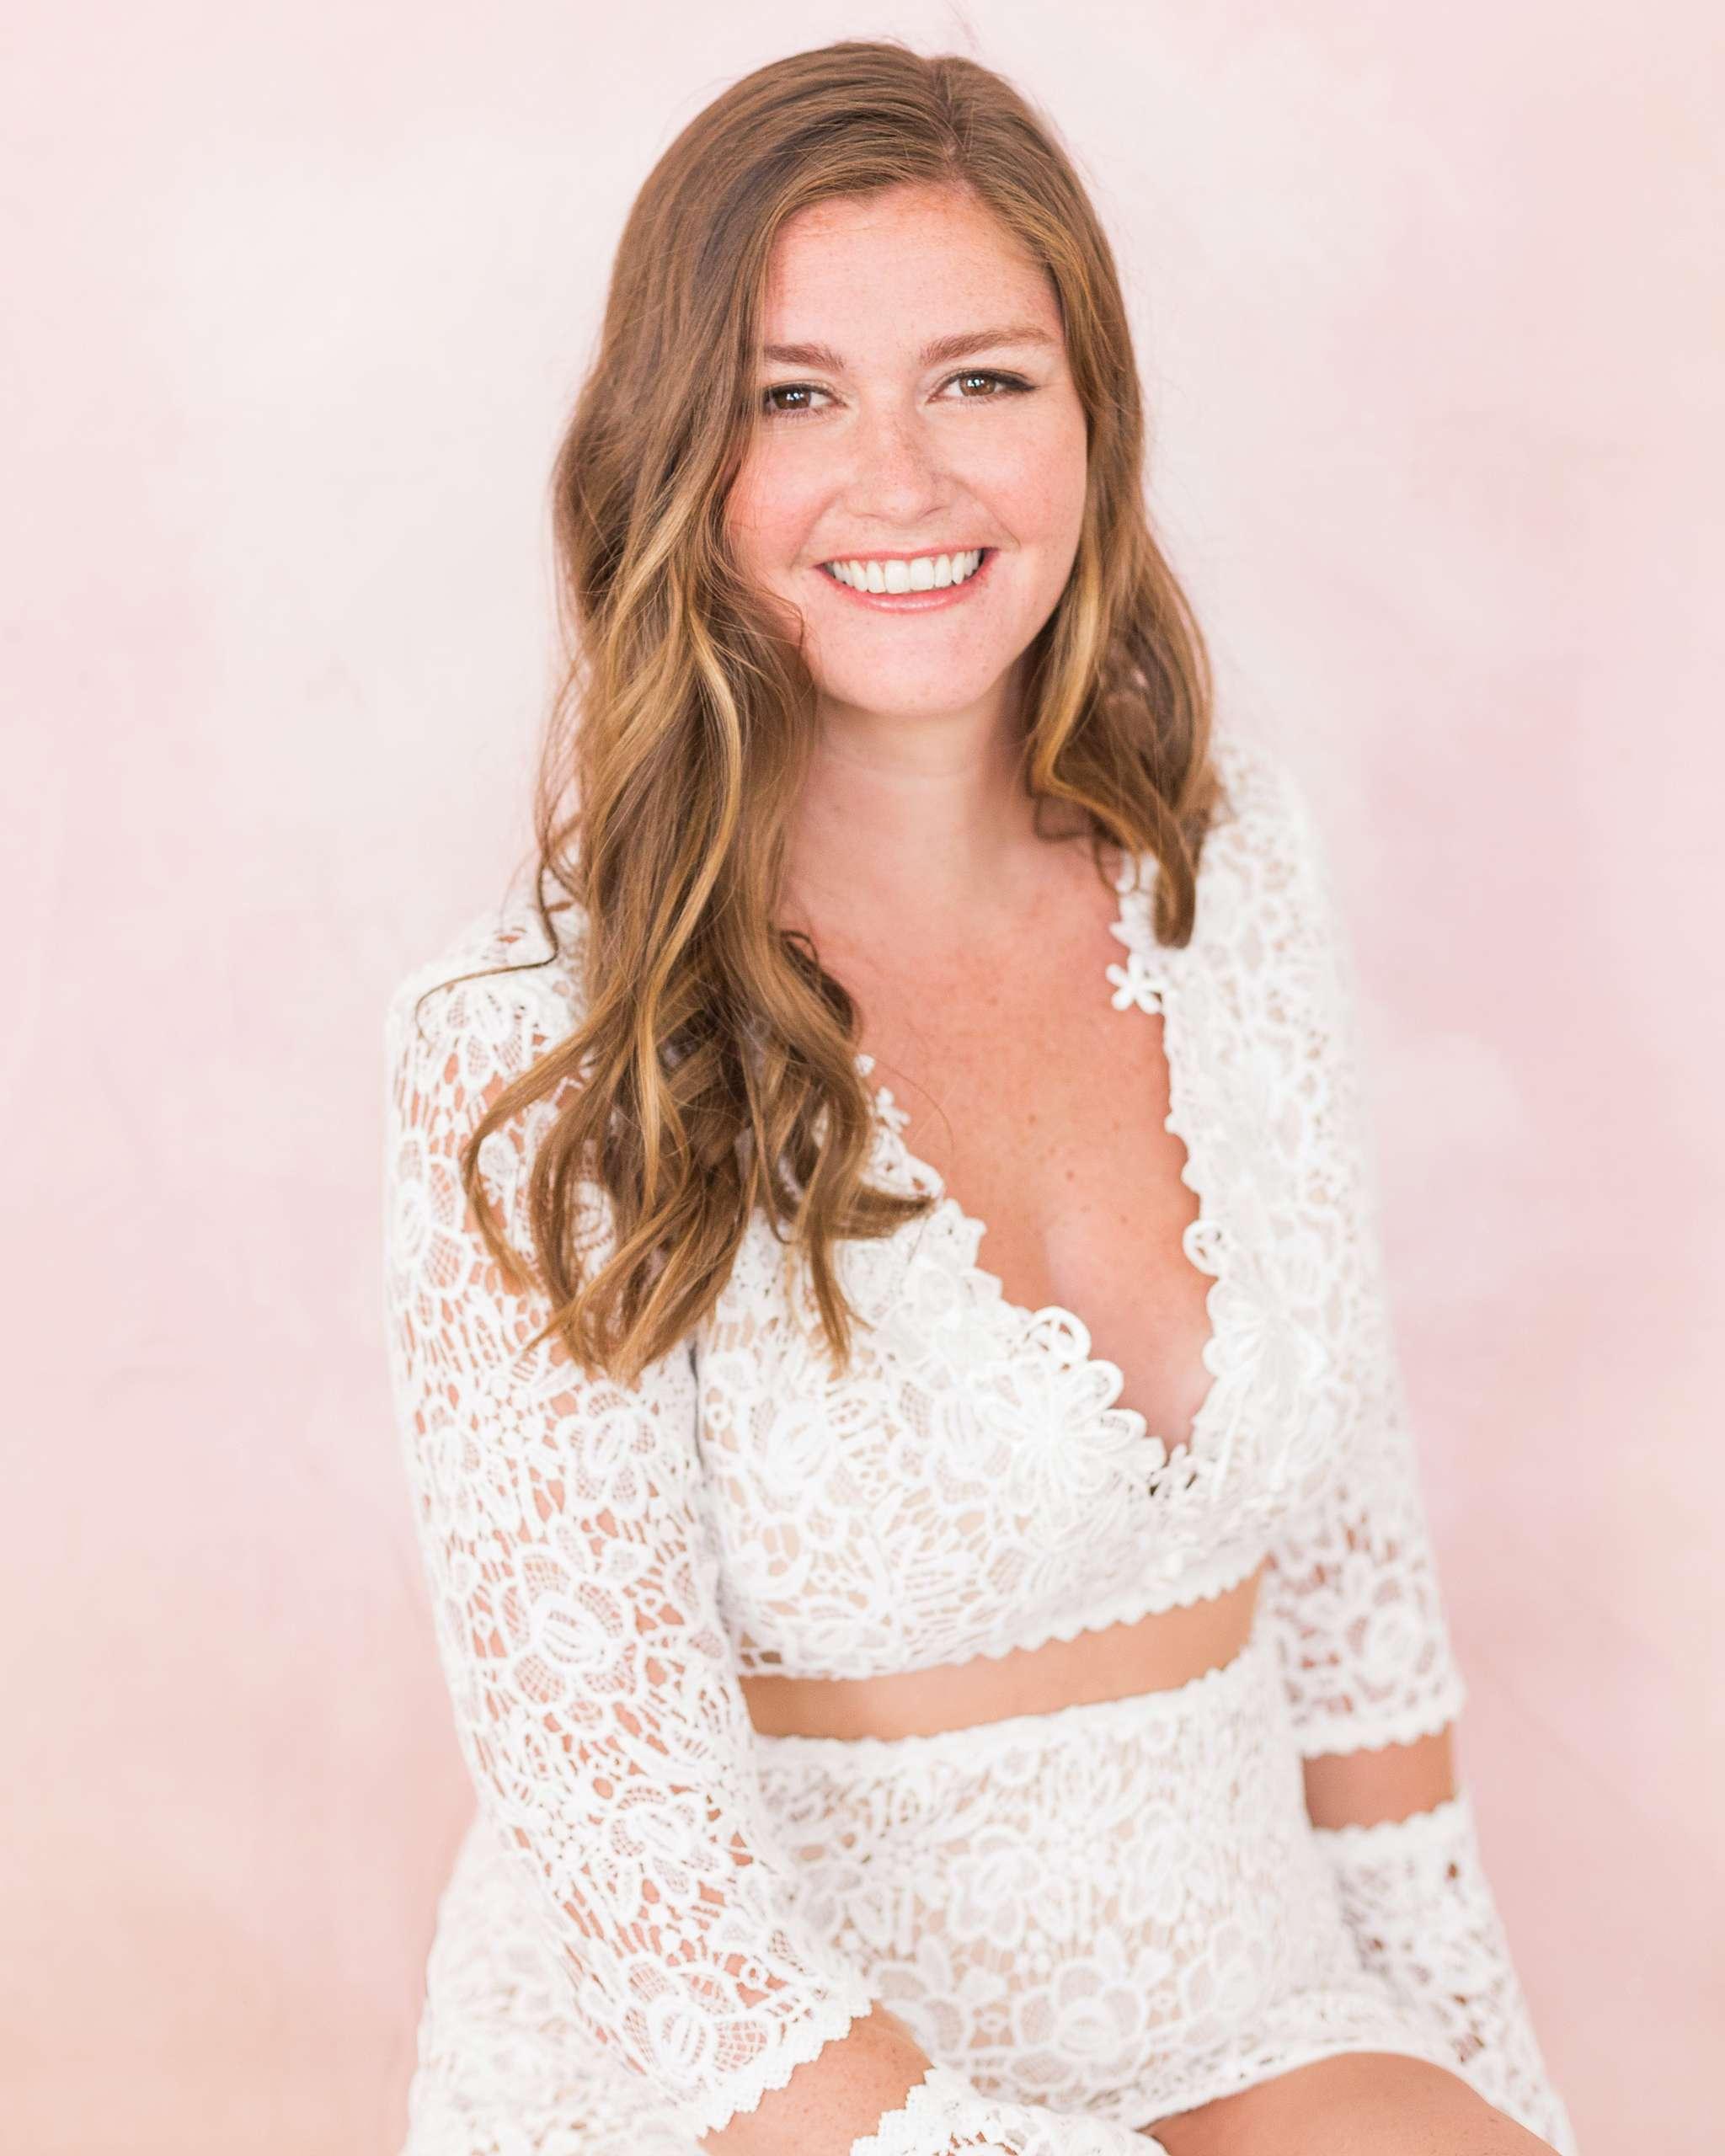 Amber-Nicole-Portrait-Jacksonville-Florida_0559.jpg